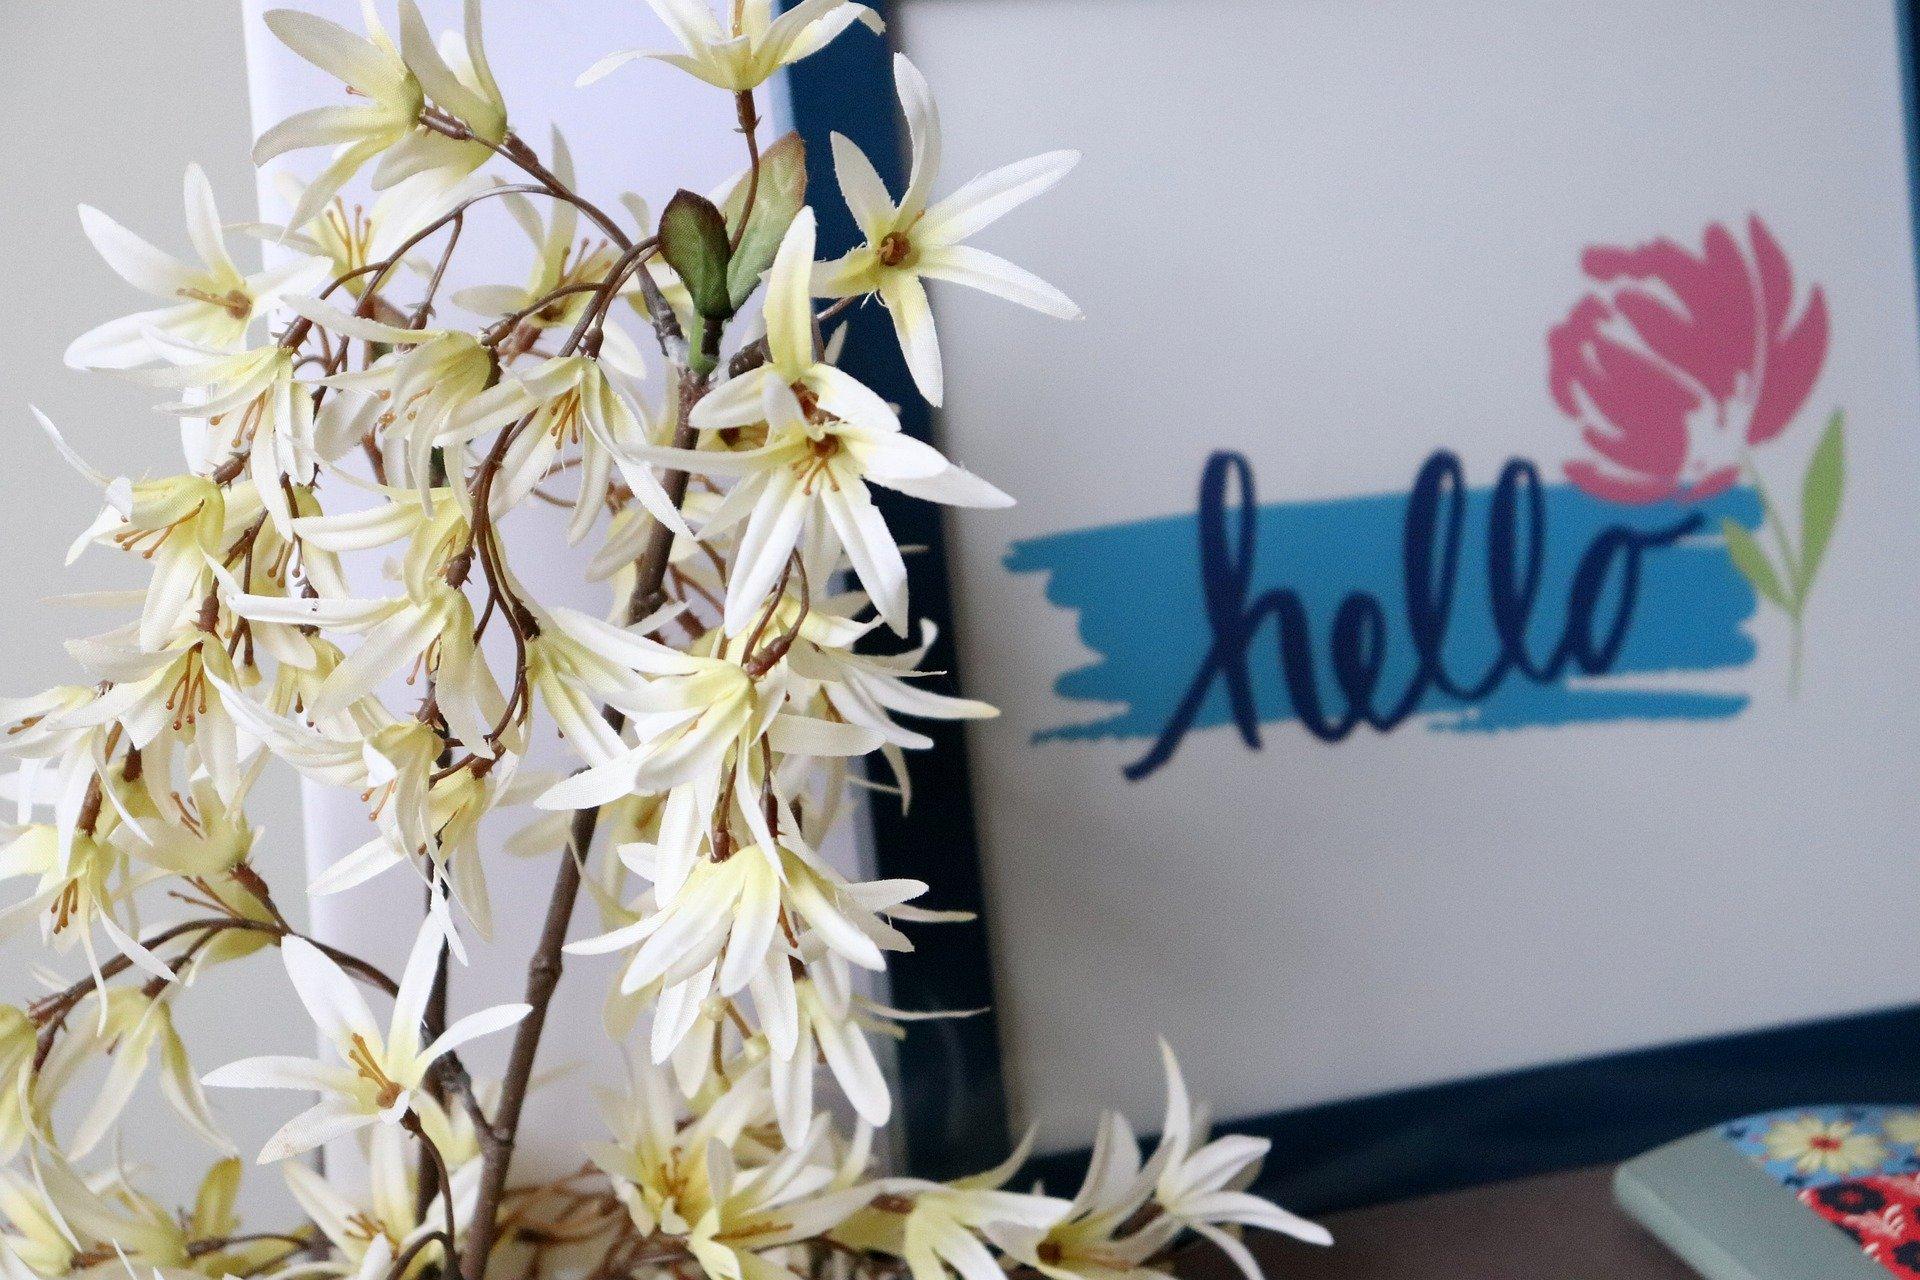 pierwszy dzień wiosny - kwiaty, powitanie, kolorowy napis